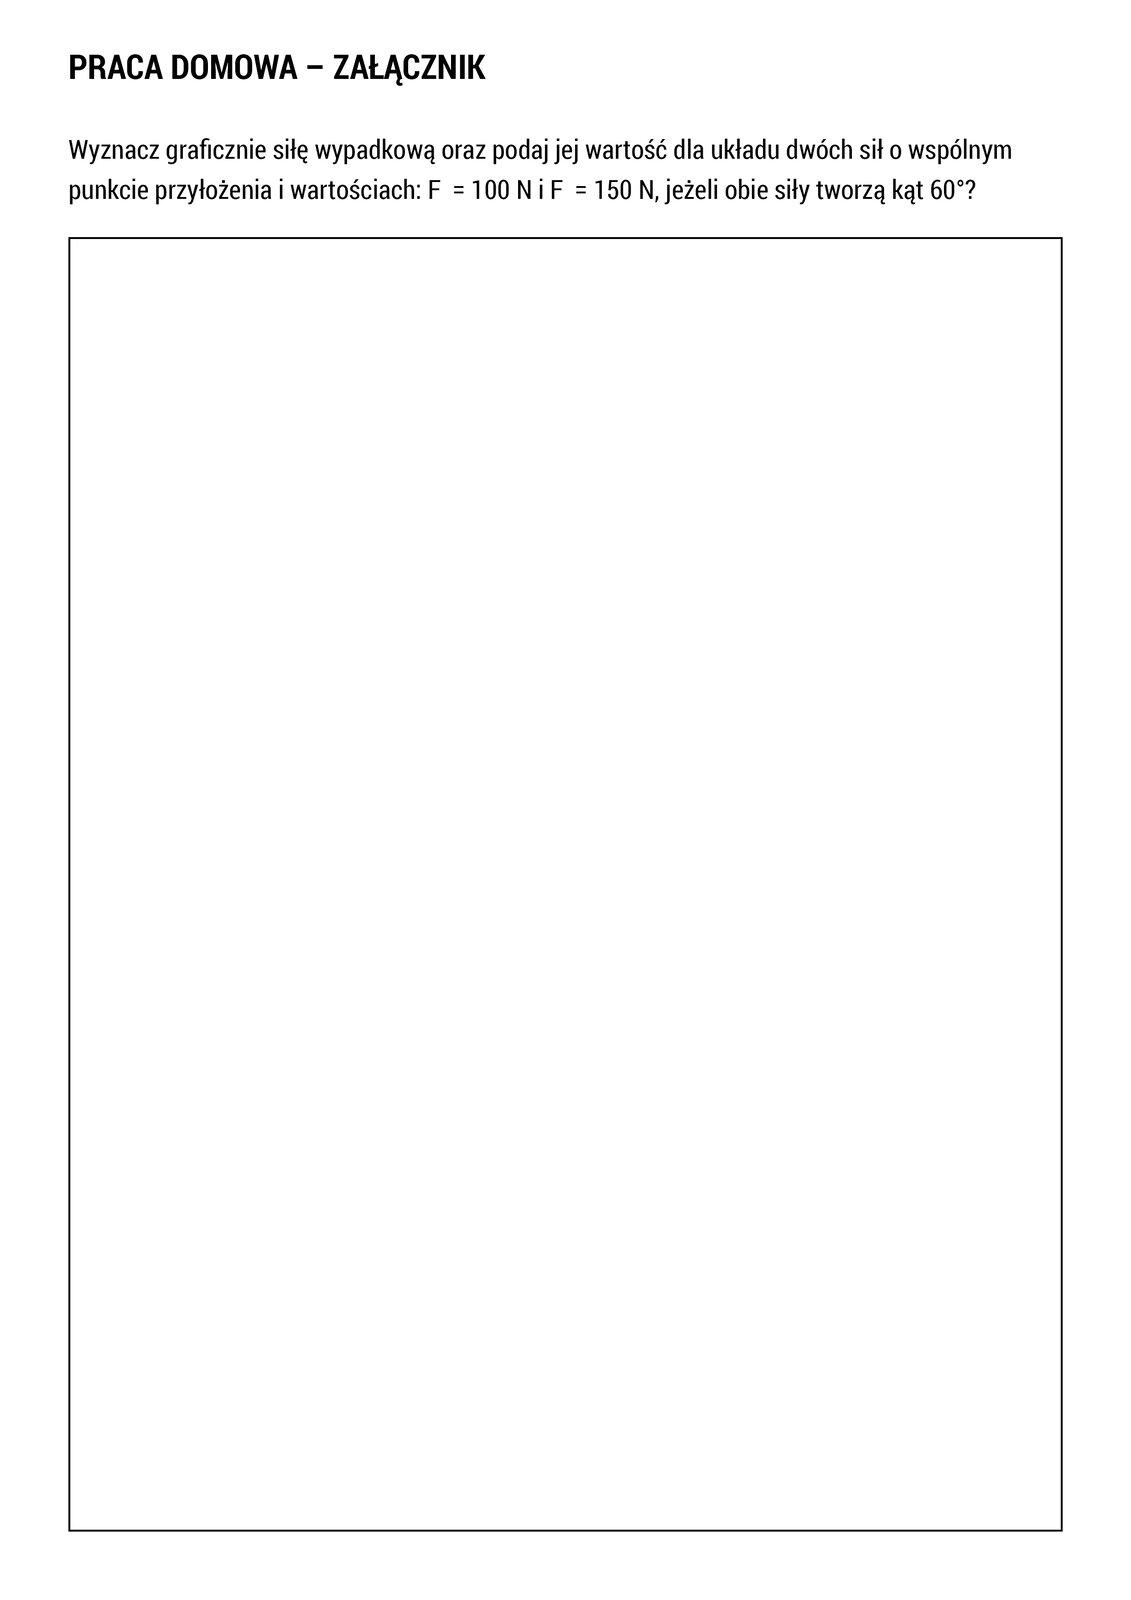 """Wramce zamieszczono treść pracy domowej. Treść pracy domowej jest następująca: """"Wyznacz graficznie siłę wypadkową oraz podaj jej wartość dla układu dwóch sił owspólnym punkcie przyłożenia iwartościach: F₁ = 100 NiF₂ = 150 N, jeżeli obie siły tworzą kąt 60°"""". Arkusz zawiera kartę pracy służącą do wykonania grafiki."""